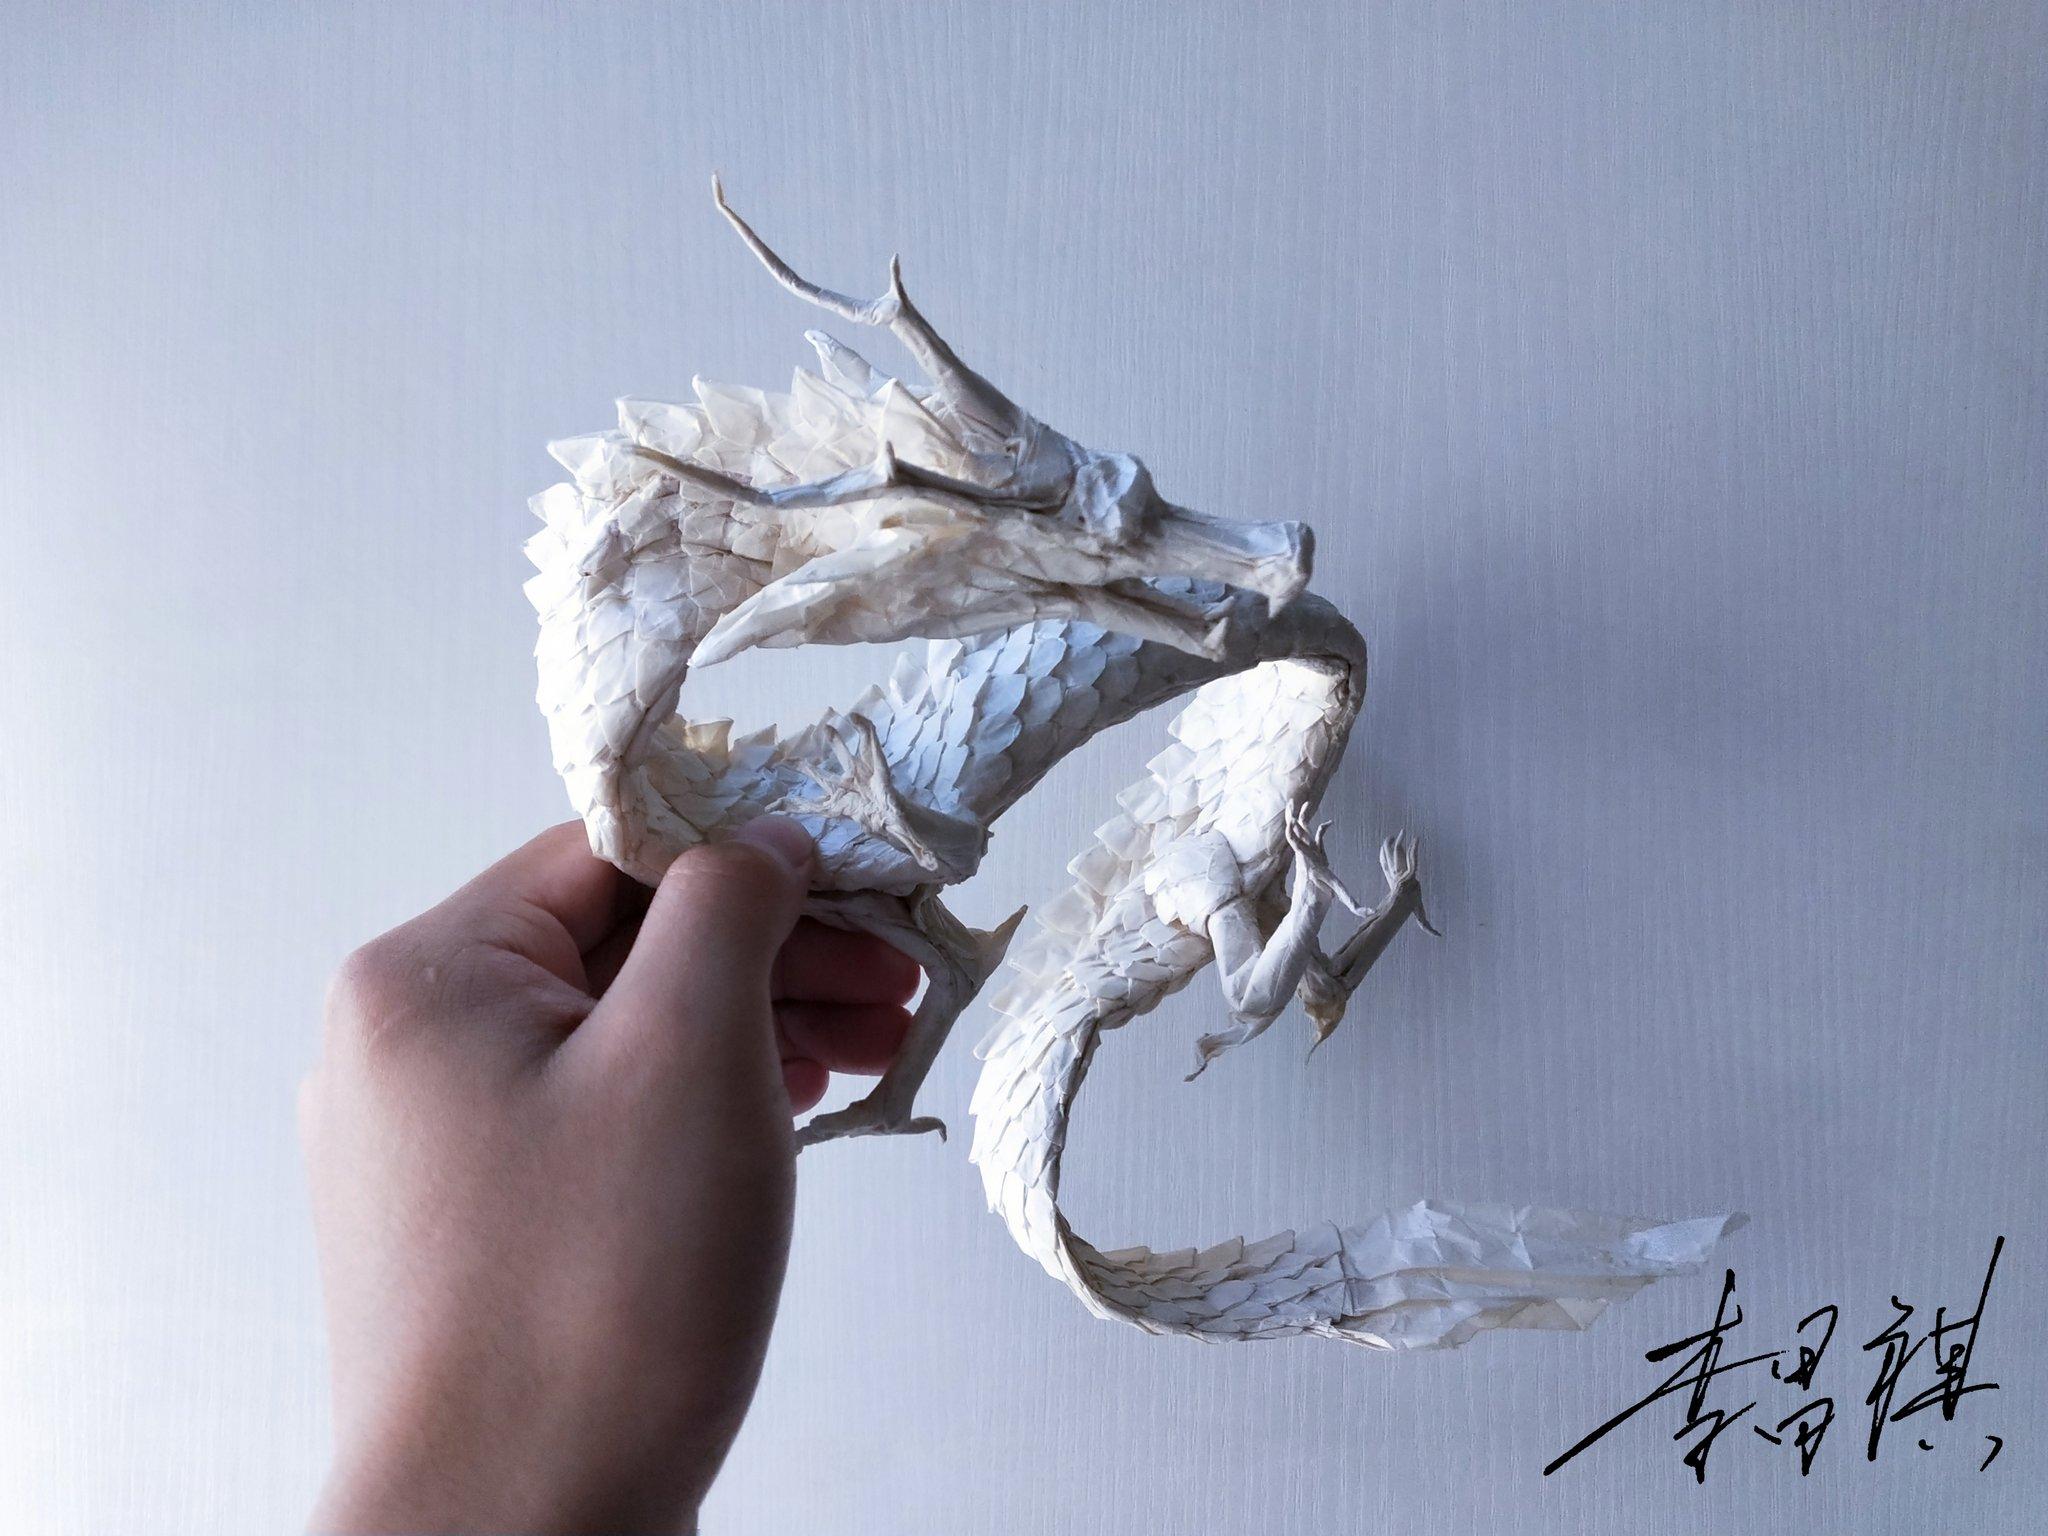 李li Changqi On Twitter This Origami Pieces Is Folded From